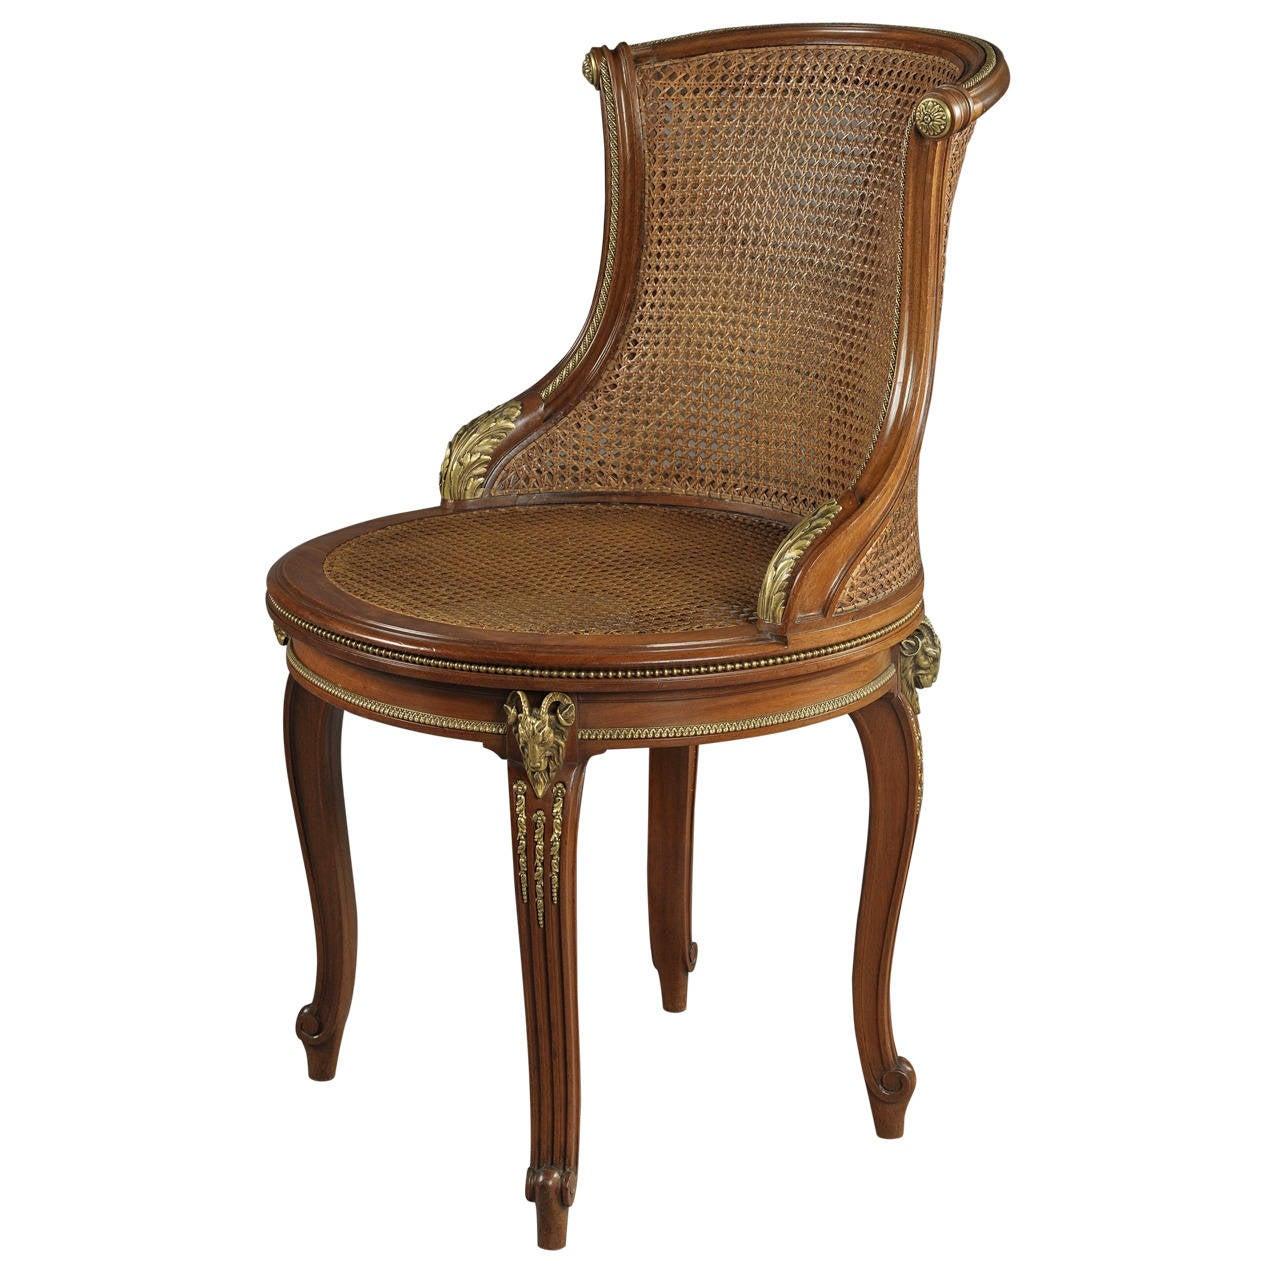 victorian mahogany desk chair at 1stdibs